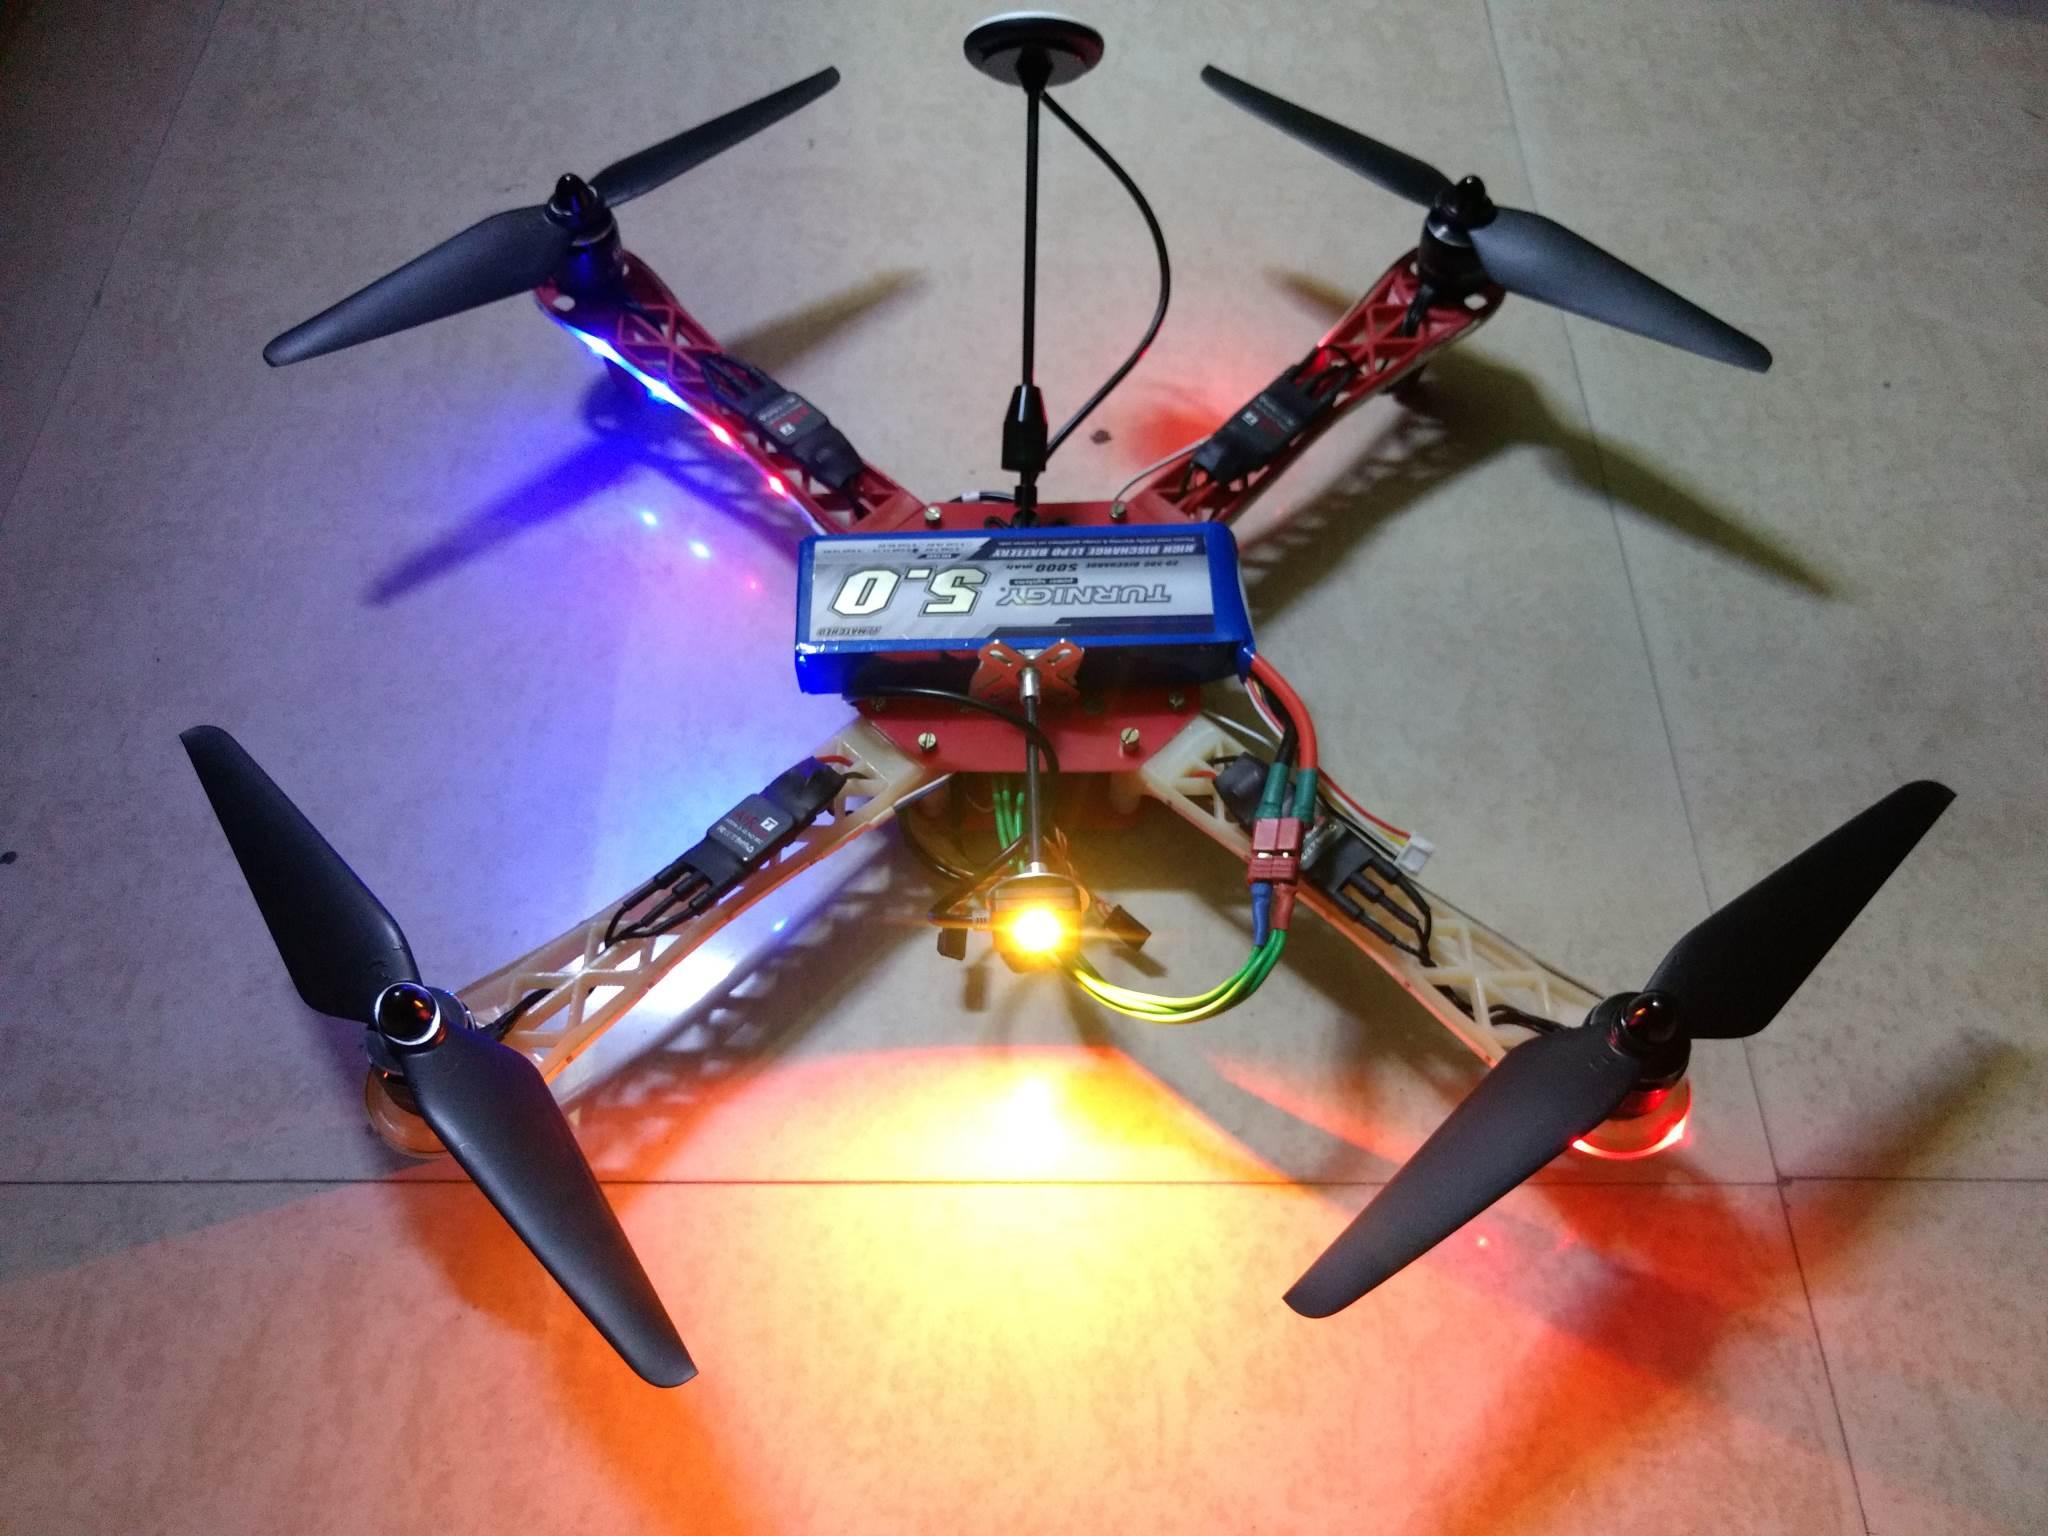 Calibration of Quadcopter